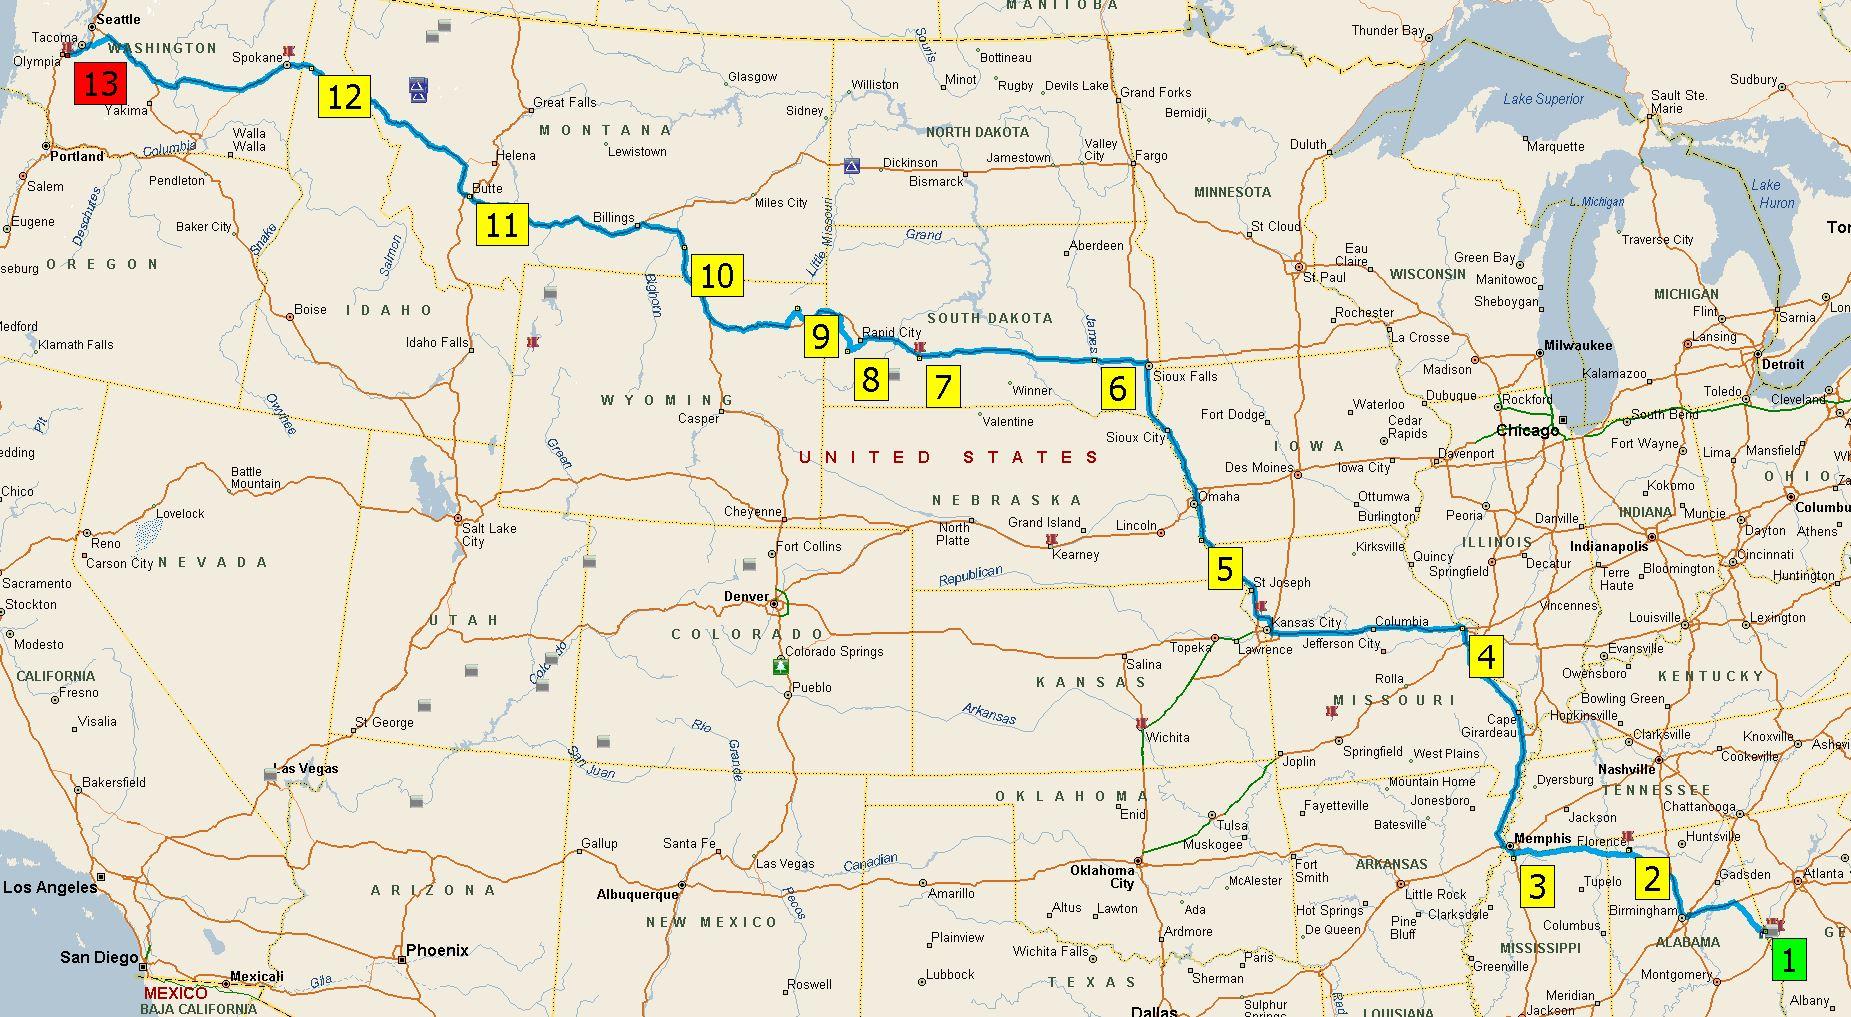 2016 Western Trip Outbound